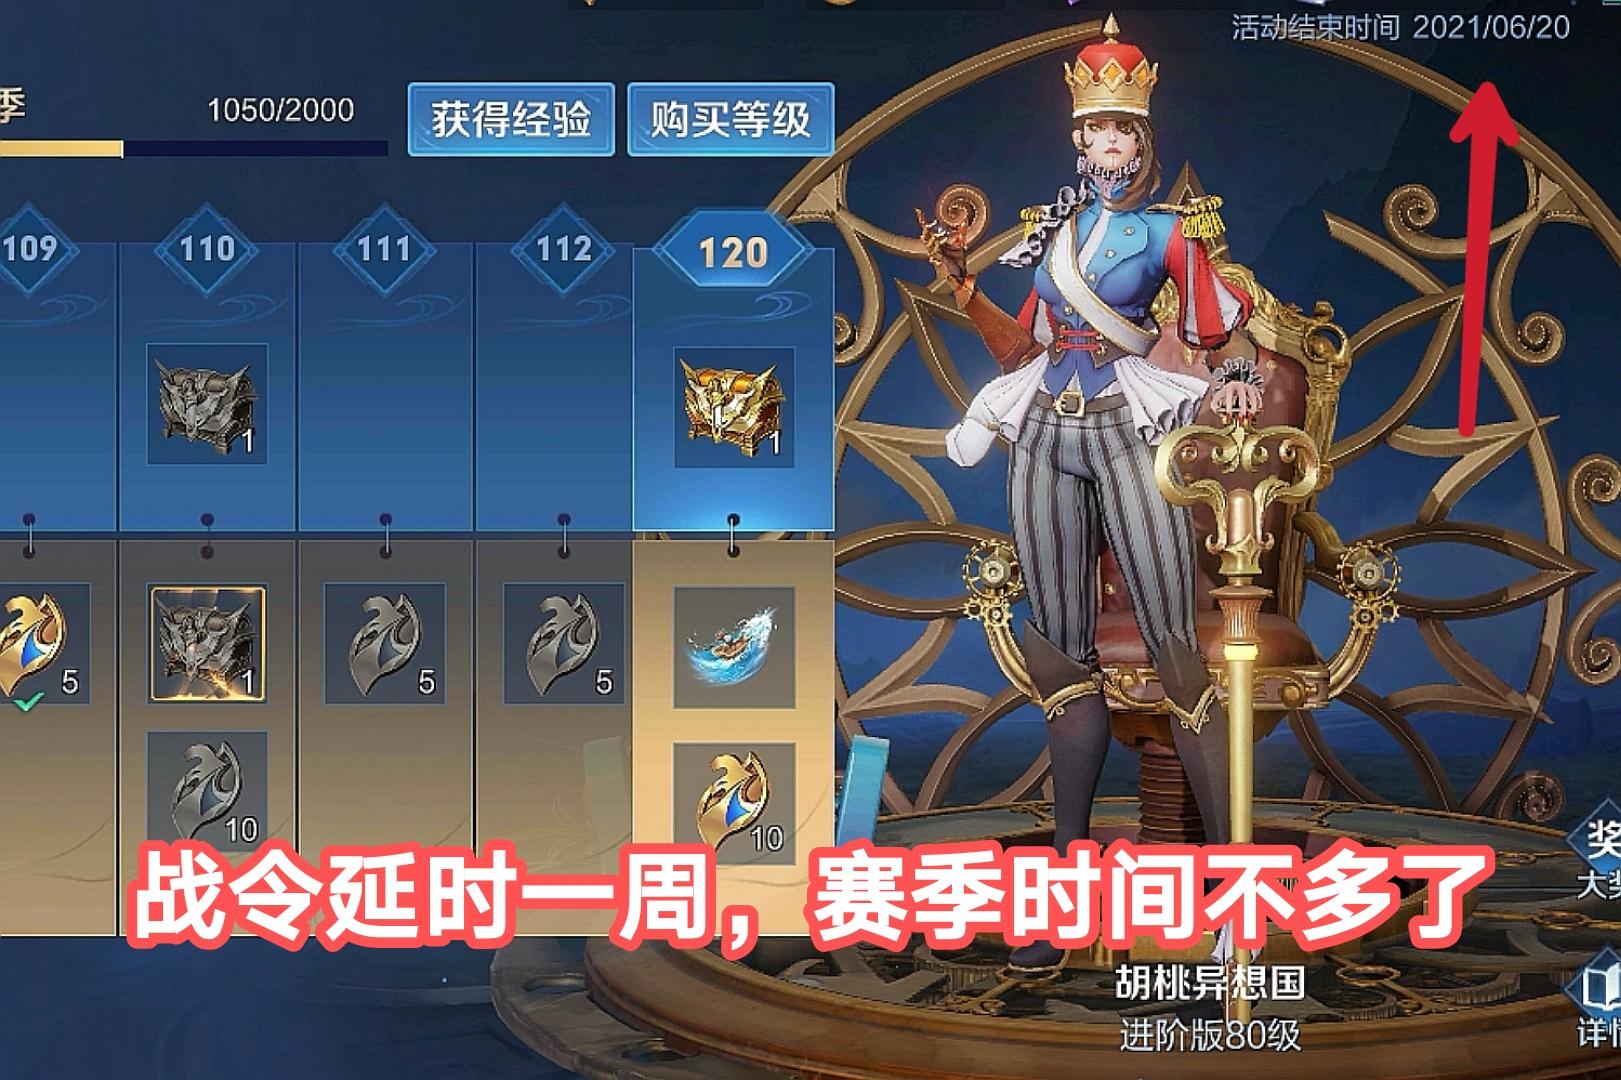 王者荣耀S23赛季延时一周,碎片商店更新,曜的李逍遥皮肤3号零点上线